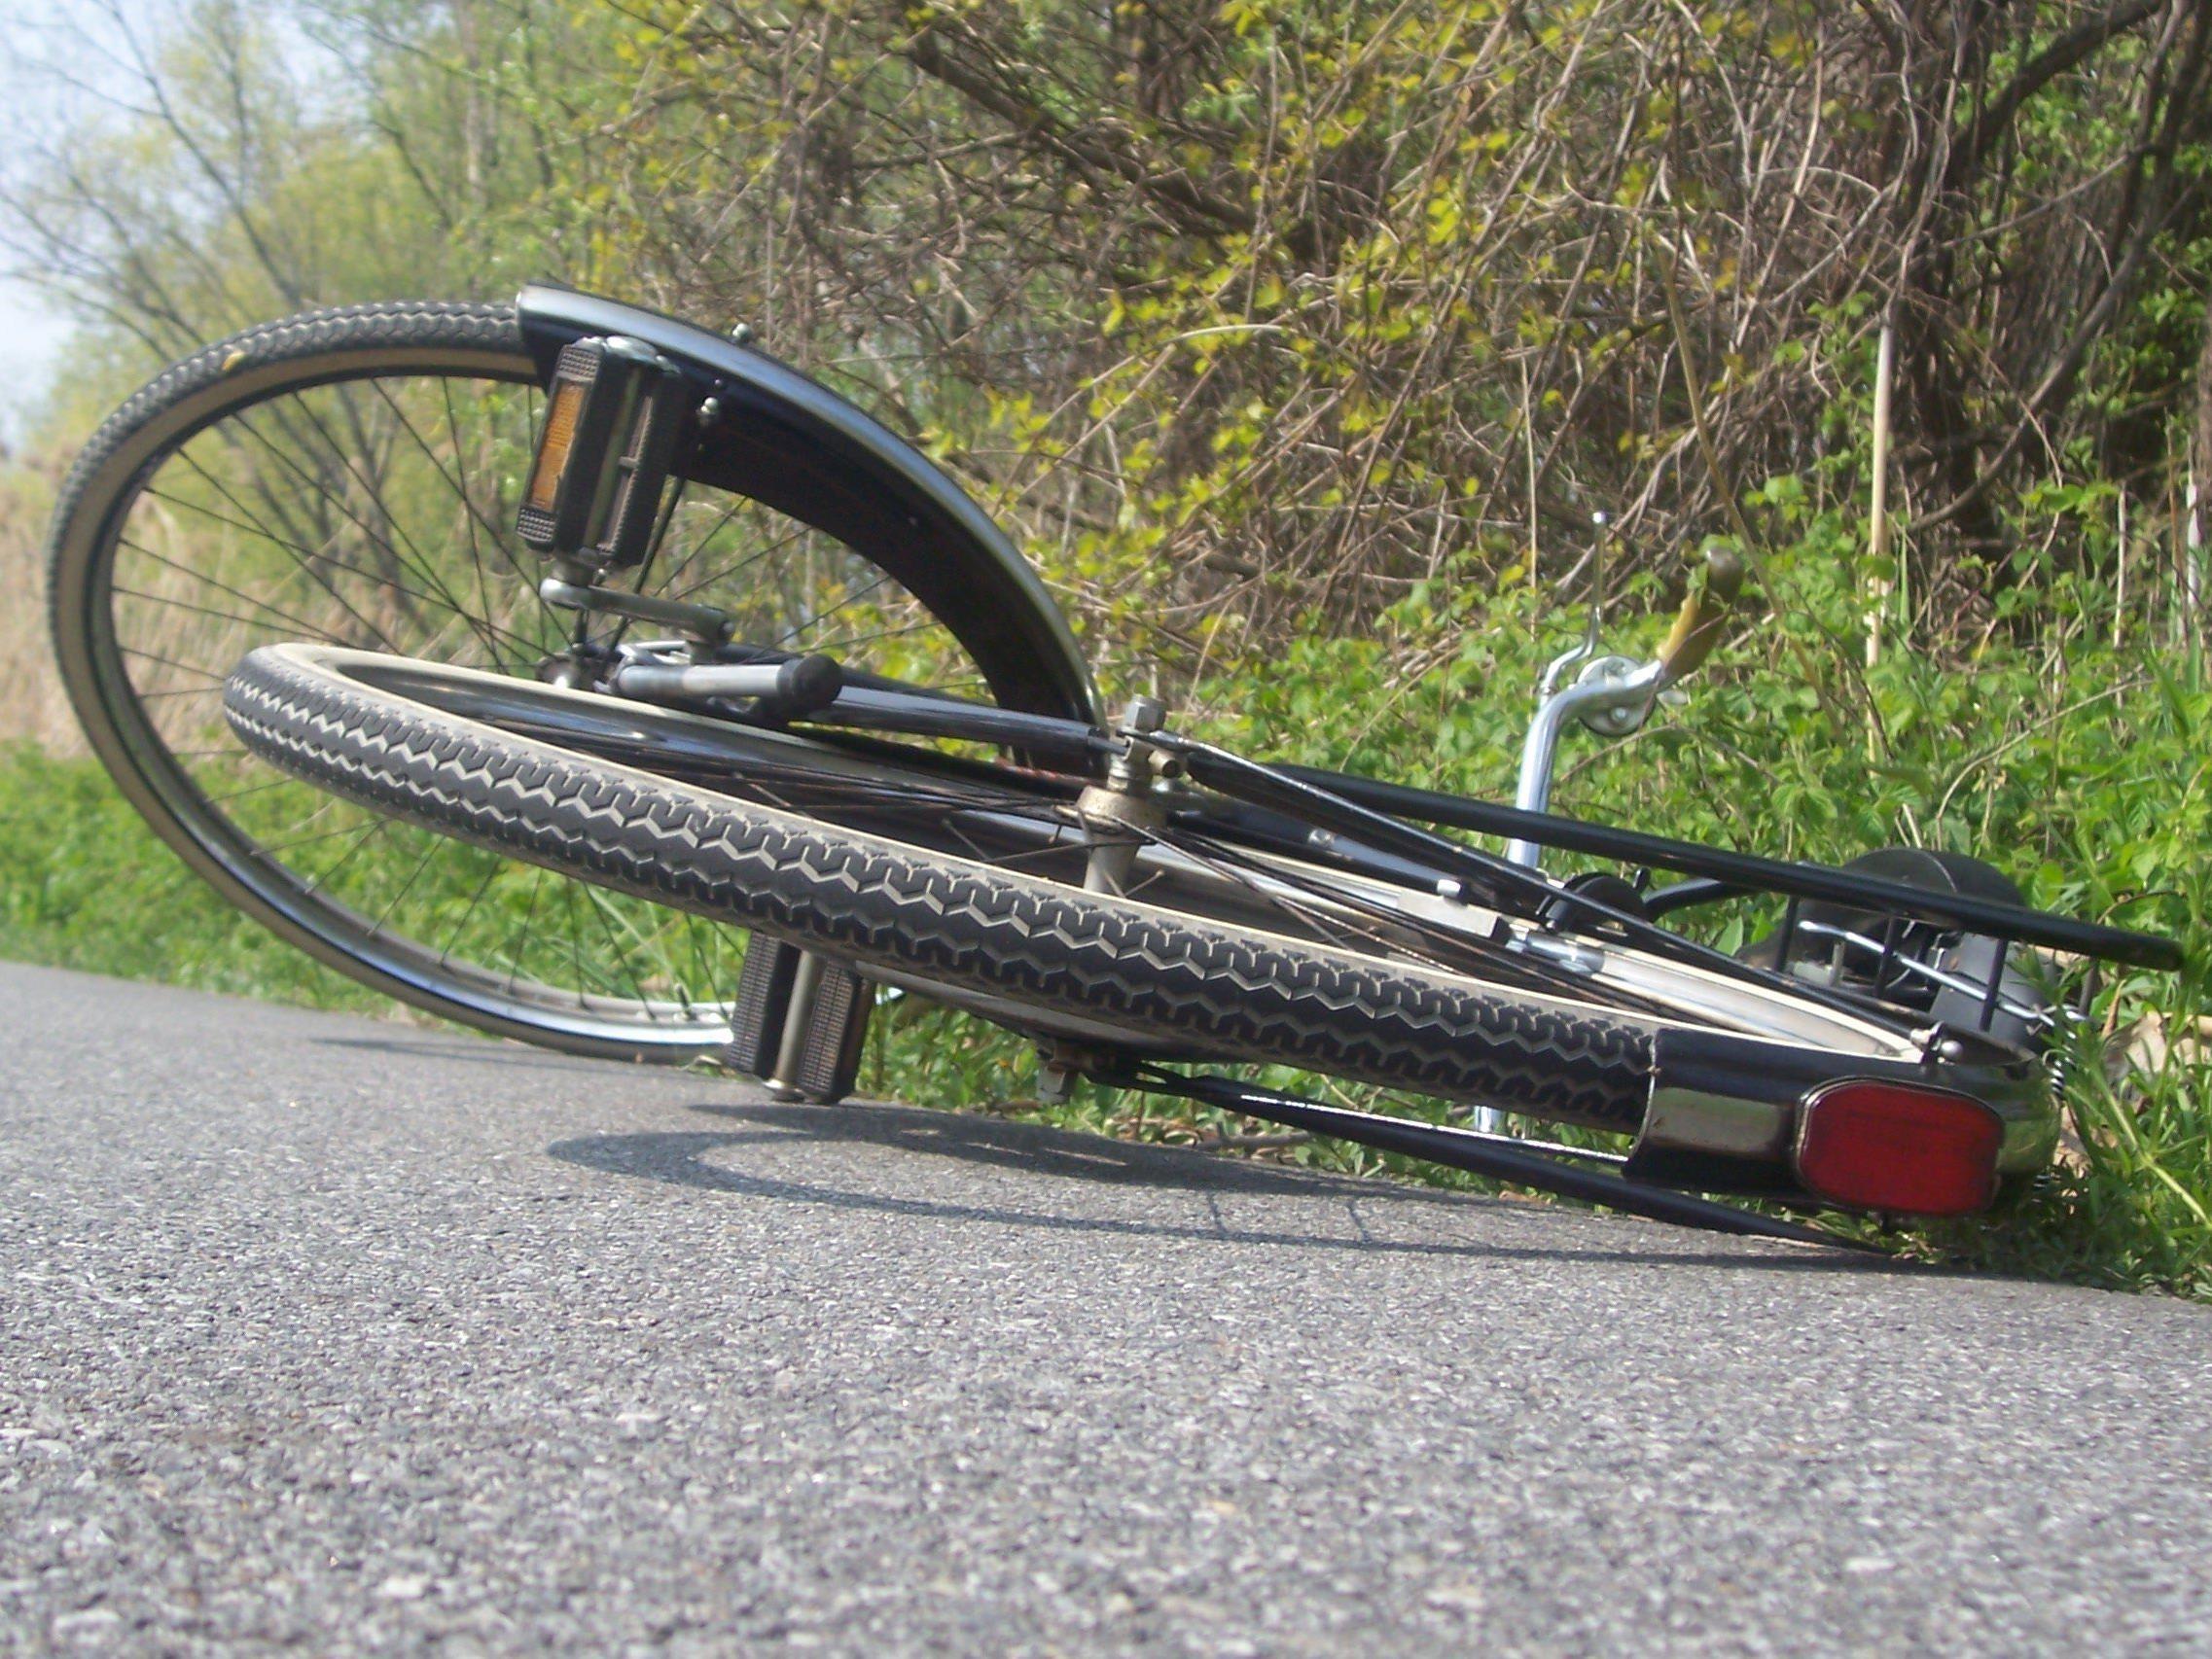 Fahrradfahrerin von Pkw gestreift und gestürzt - Zeugen gesucht.